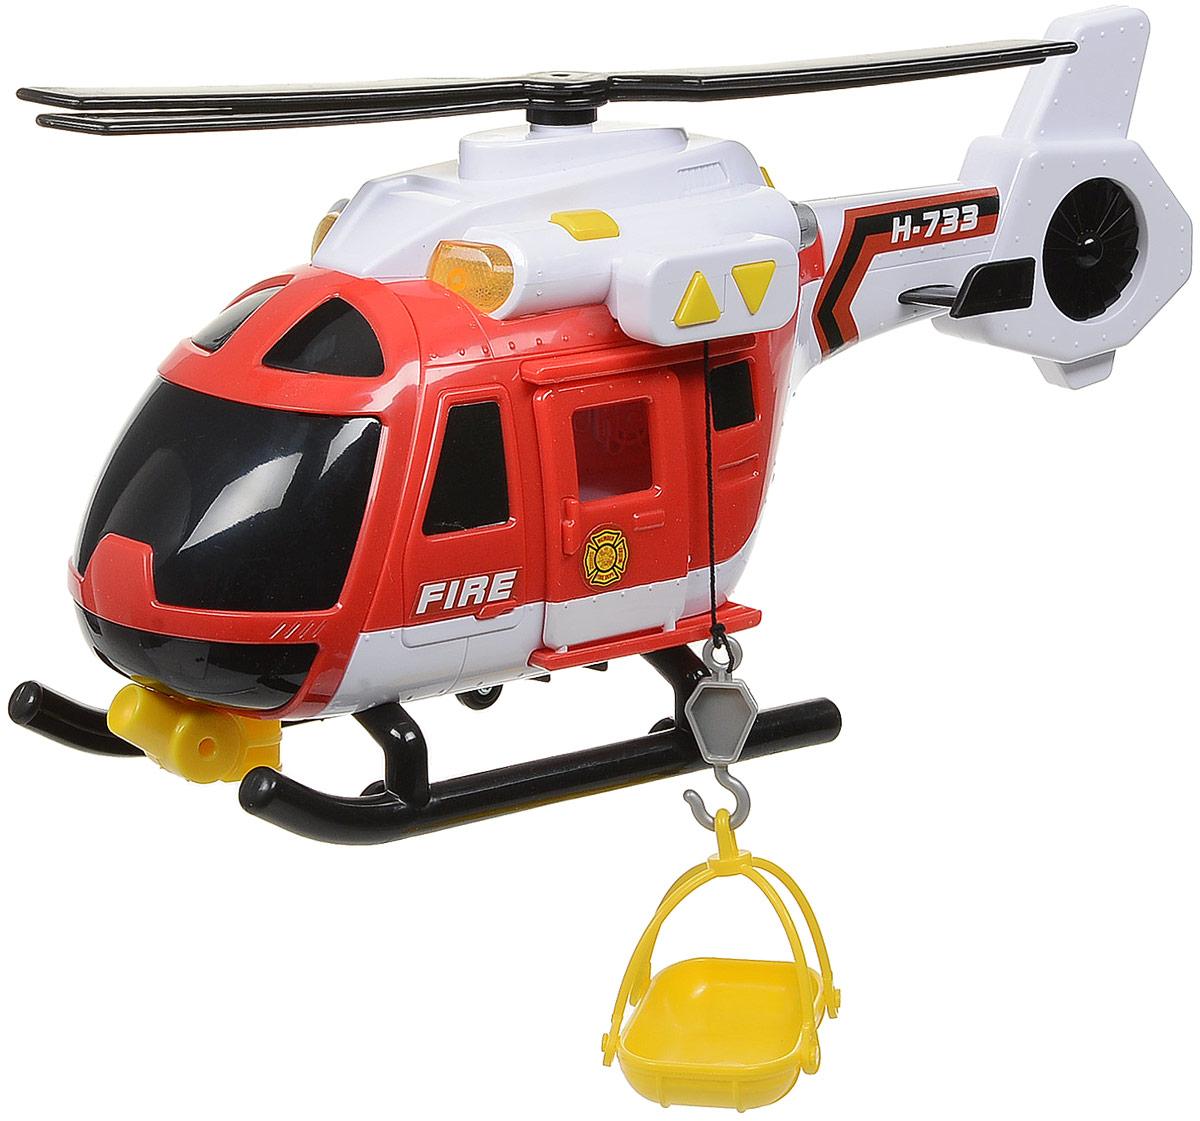 HTI Пожарный вертолет Roadsterz hti пожарная машина roadsterz